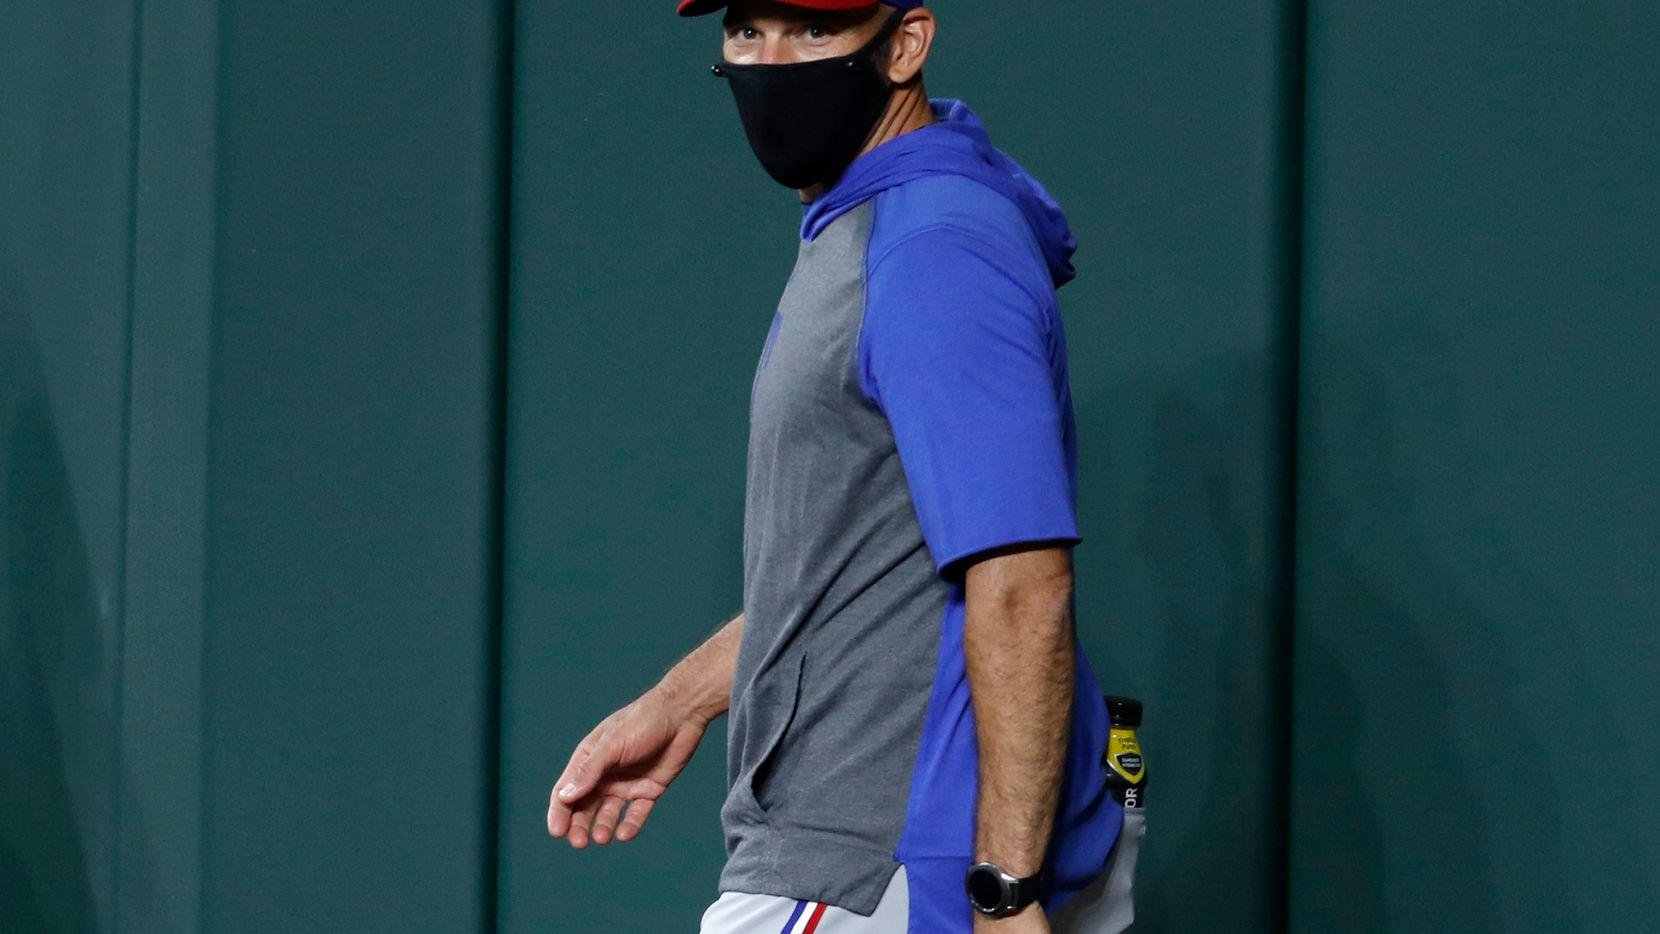 EL mánager de los Texas Rangers, Chris Woodward, advirtió que no tolerará indisciplina en la primera gira de la temporada del equipo.